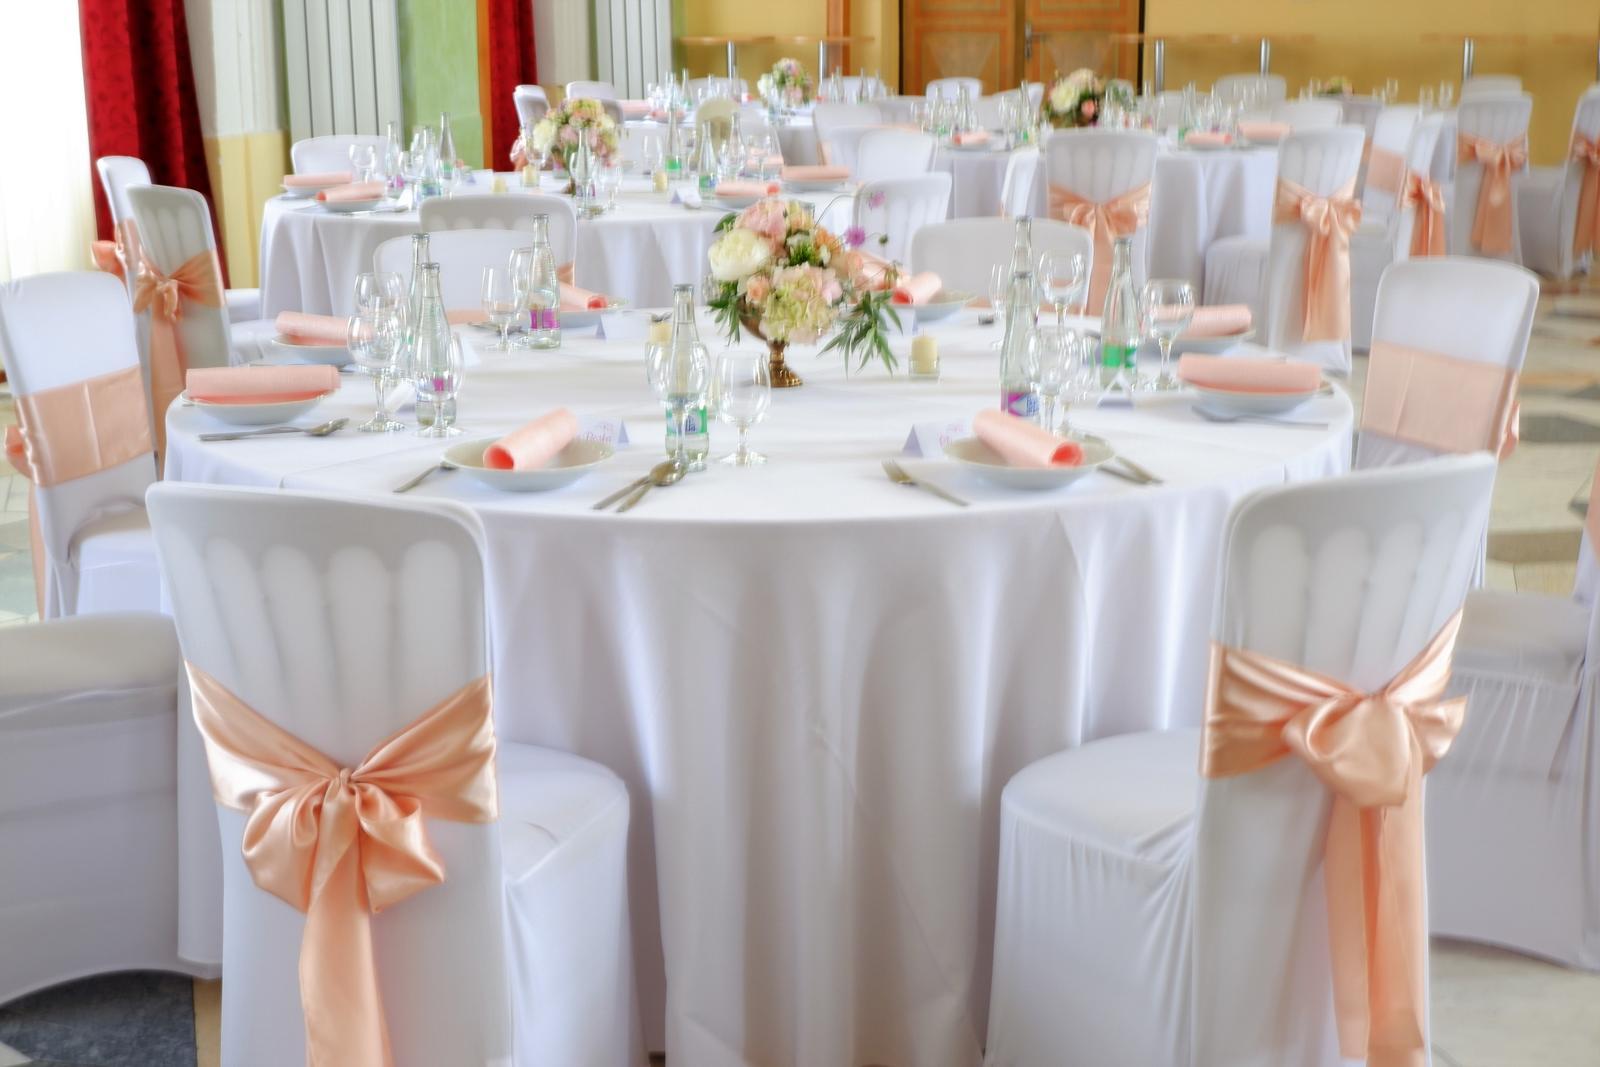 obrus na okrúhly stôl 320 cm alebo 300 cm - Obrázok č. 2